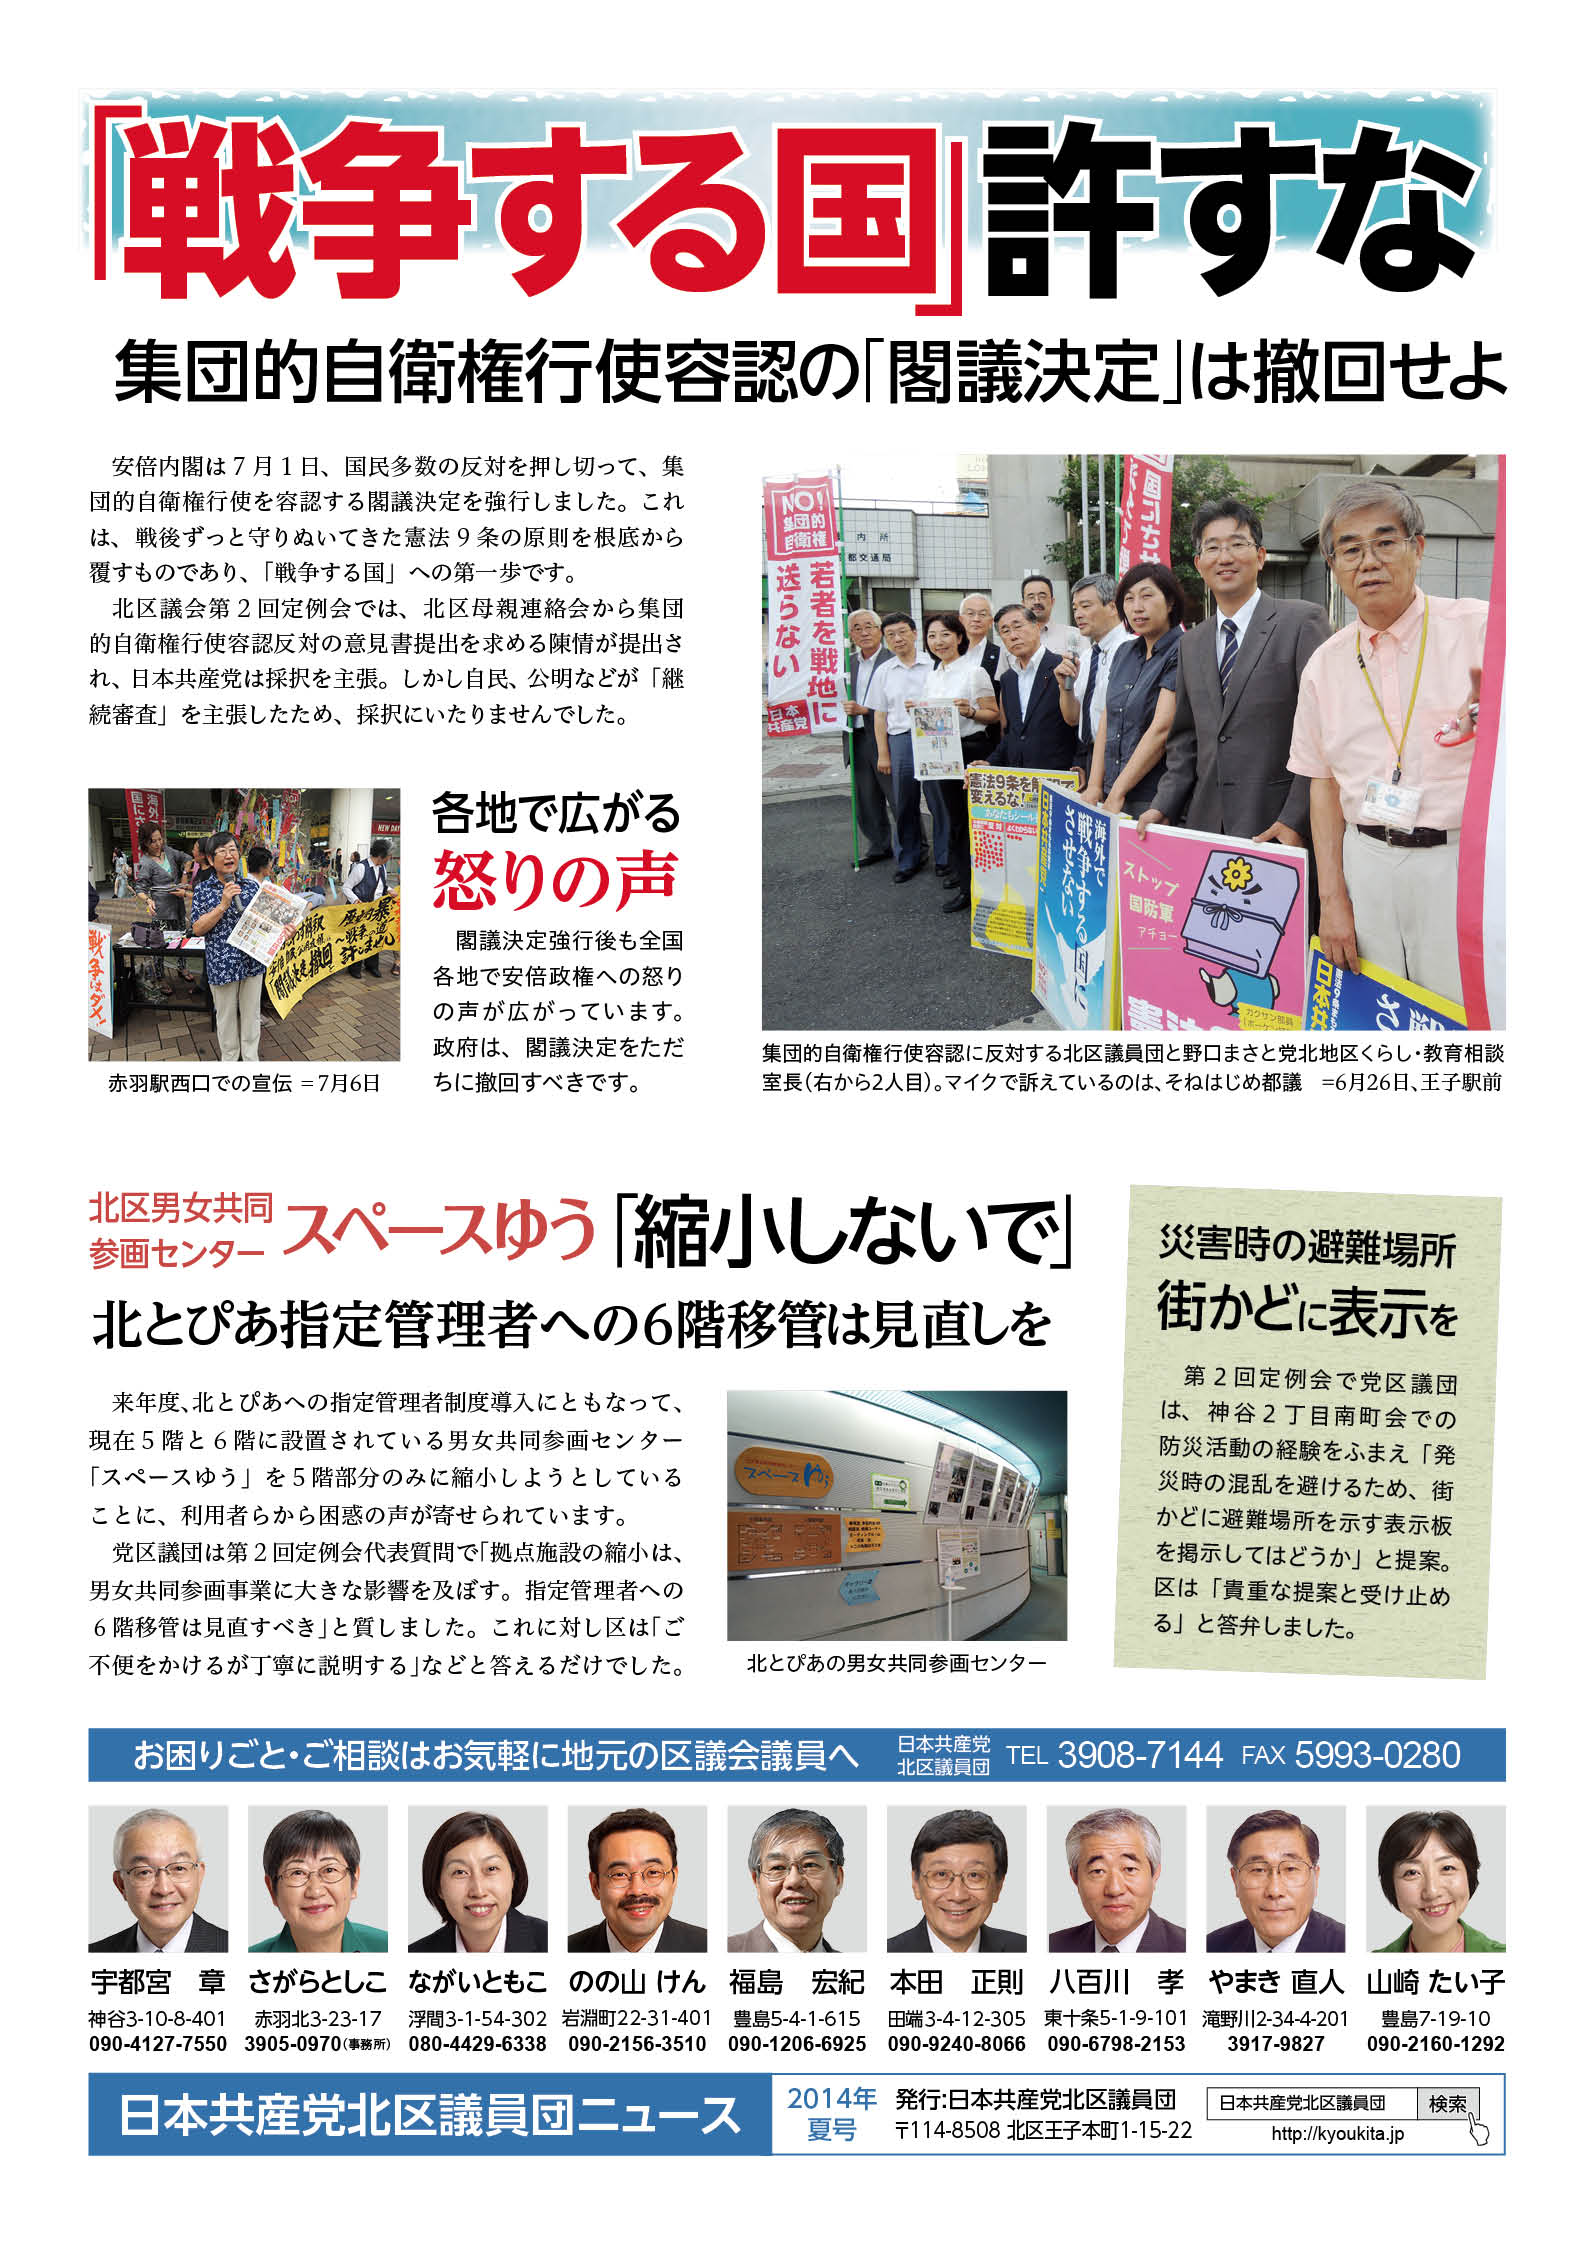 dan-news-2014-02